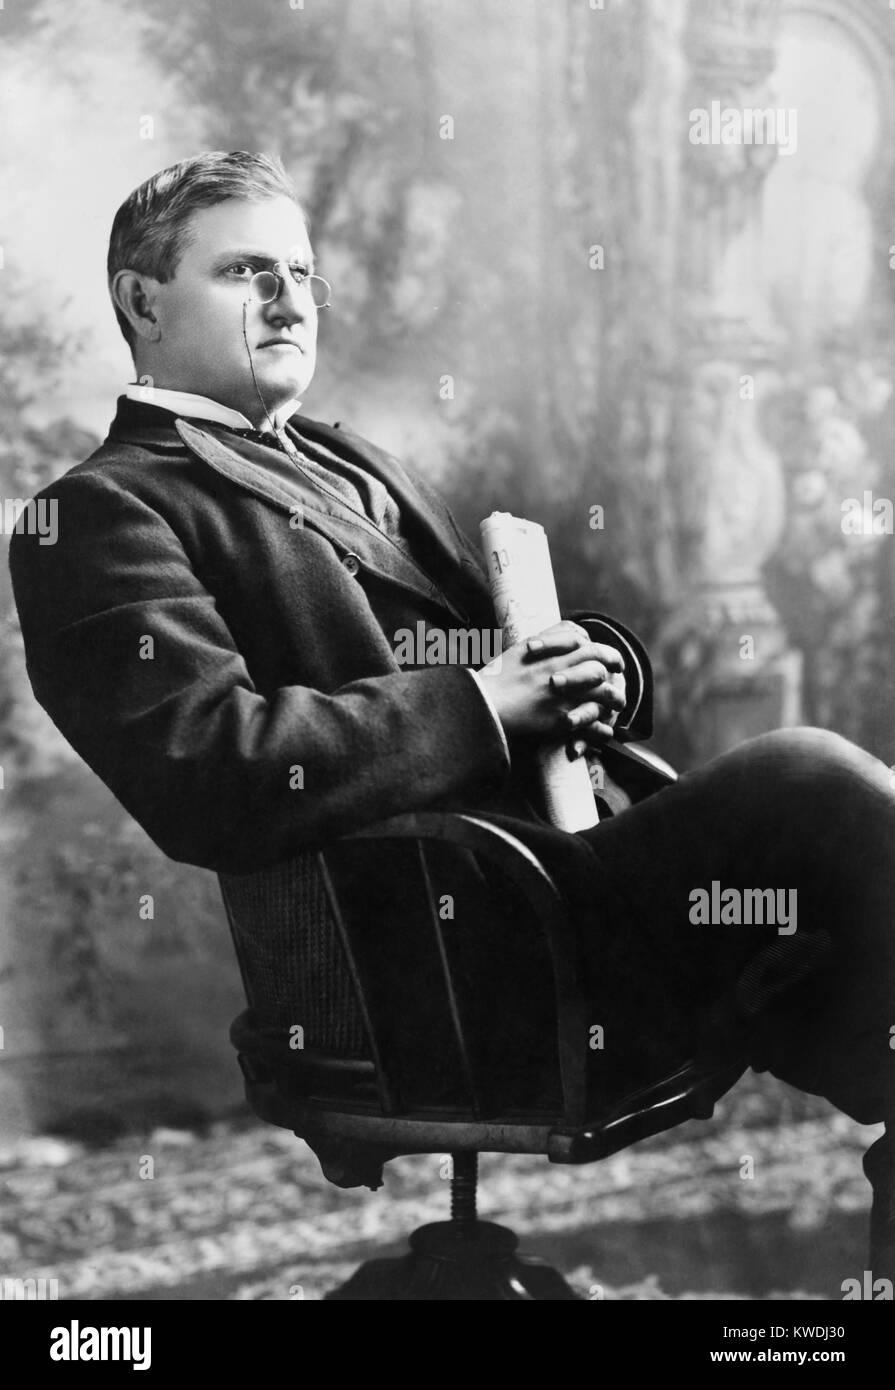 Le sénateur de la Caroline du Sud Benjamin Ryan Tillman, ch. 1905. Il est venu de l'âge au cours de la guerre civile Banque D'Images